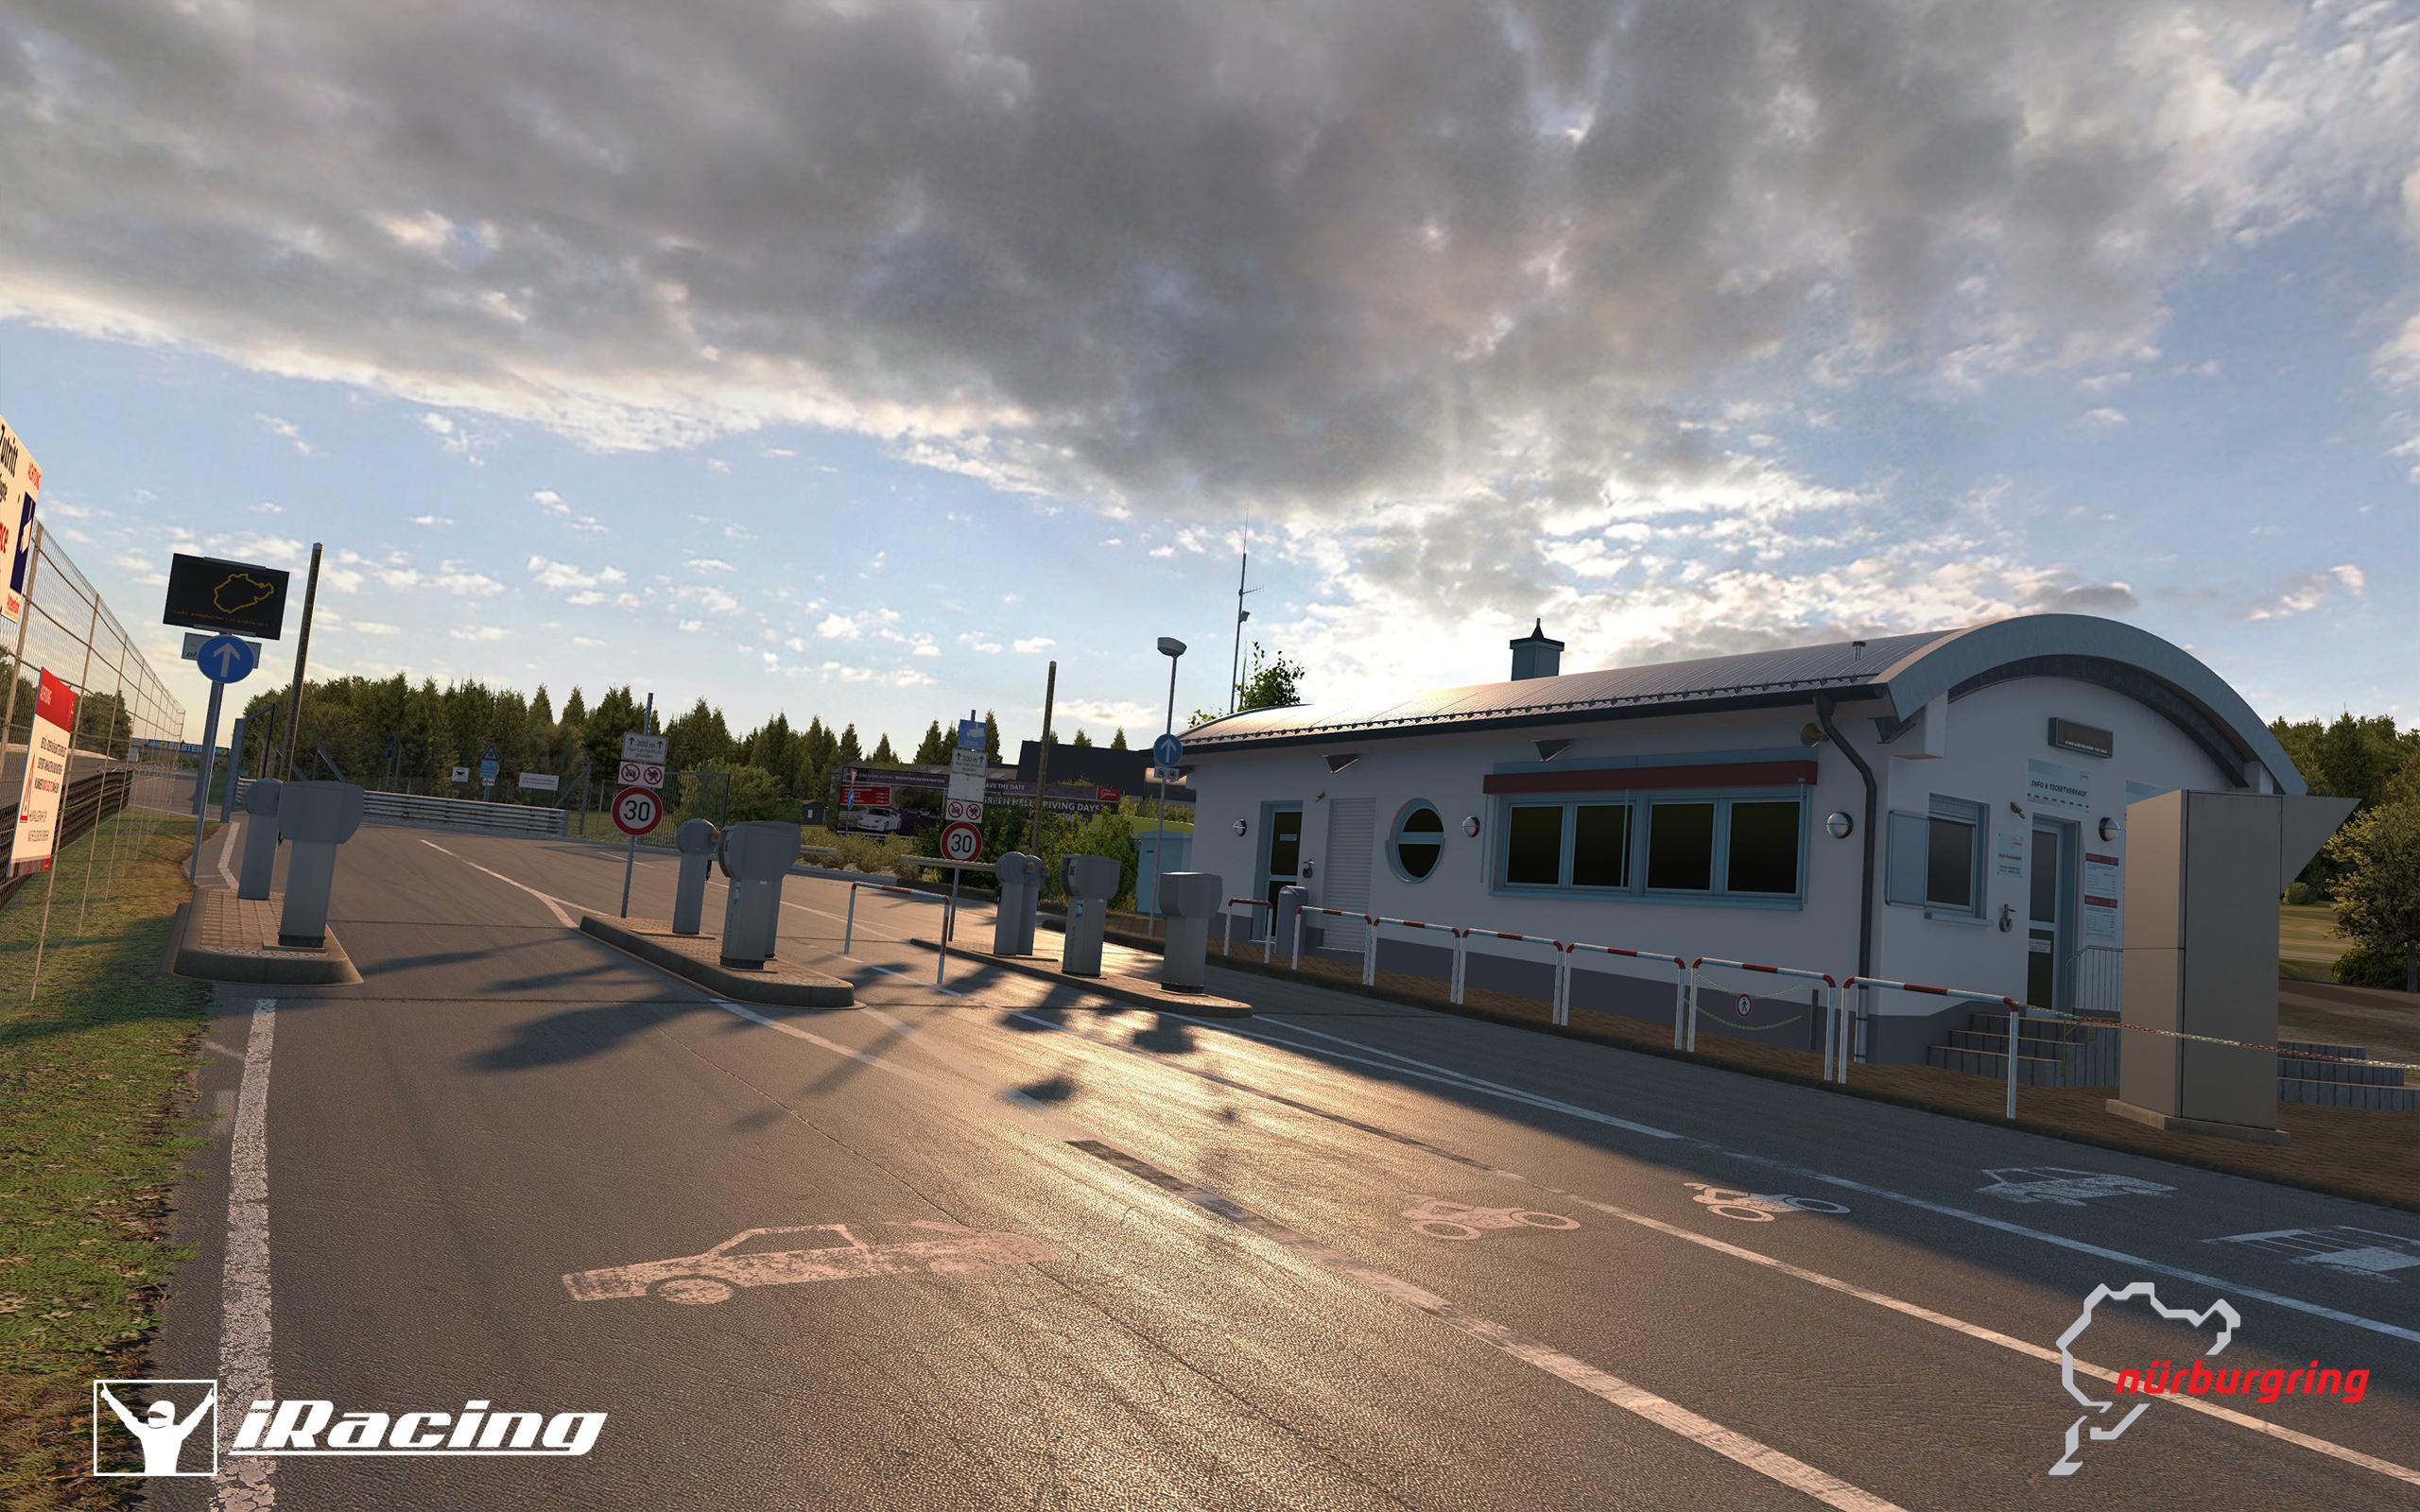 iracing_nurburgring_1